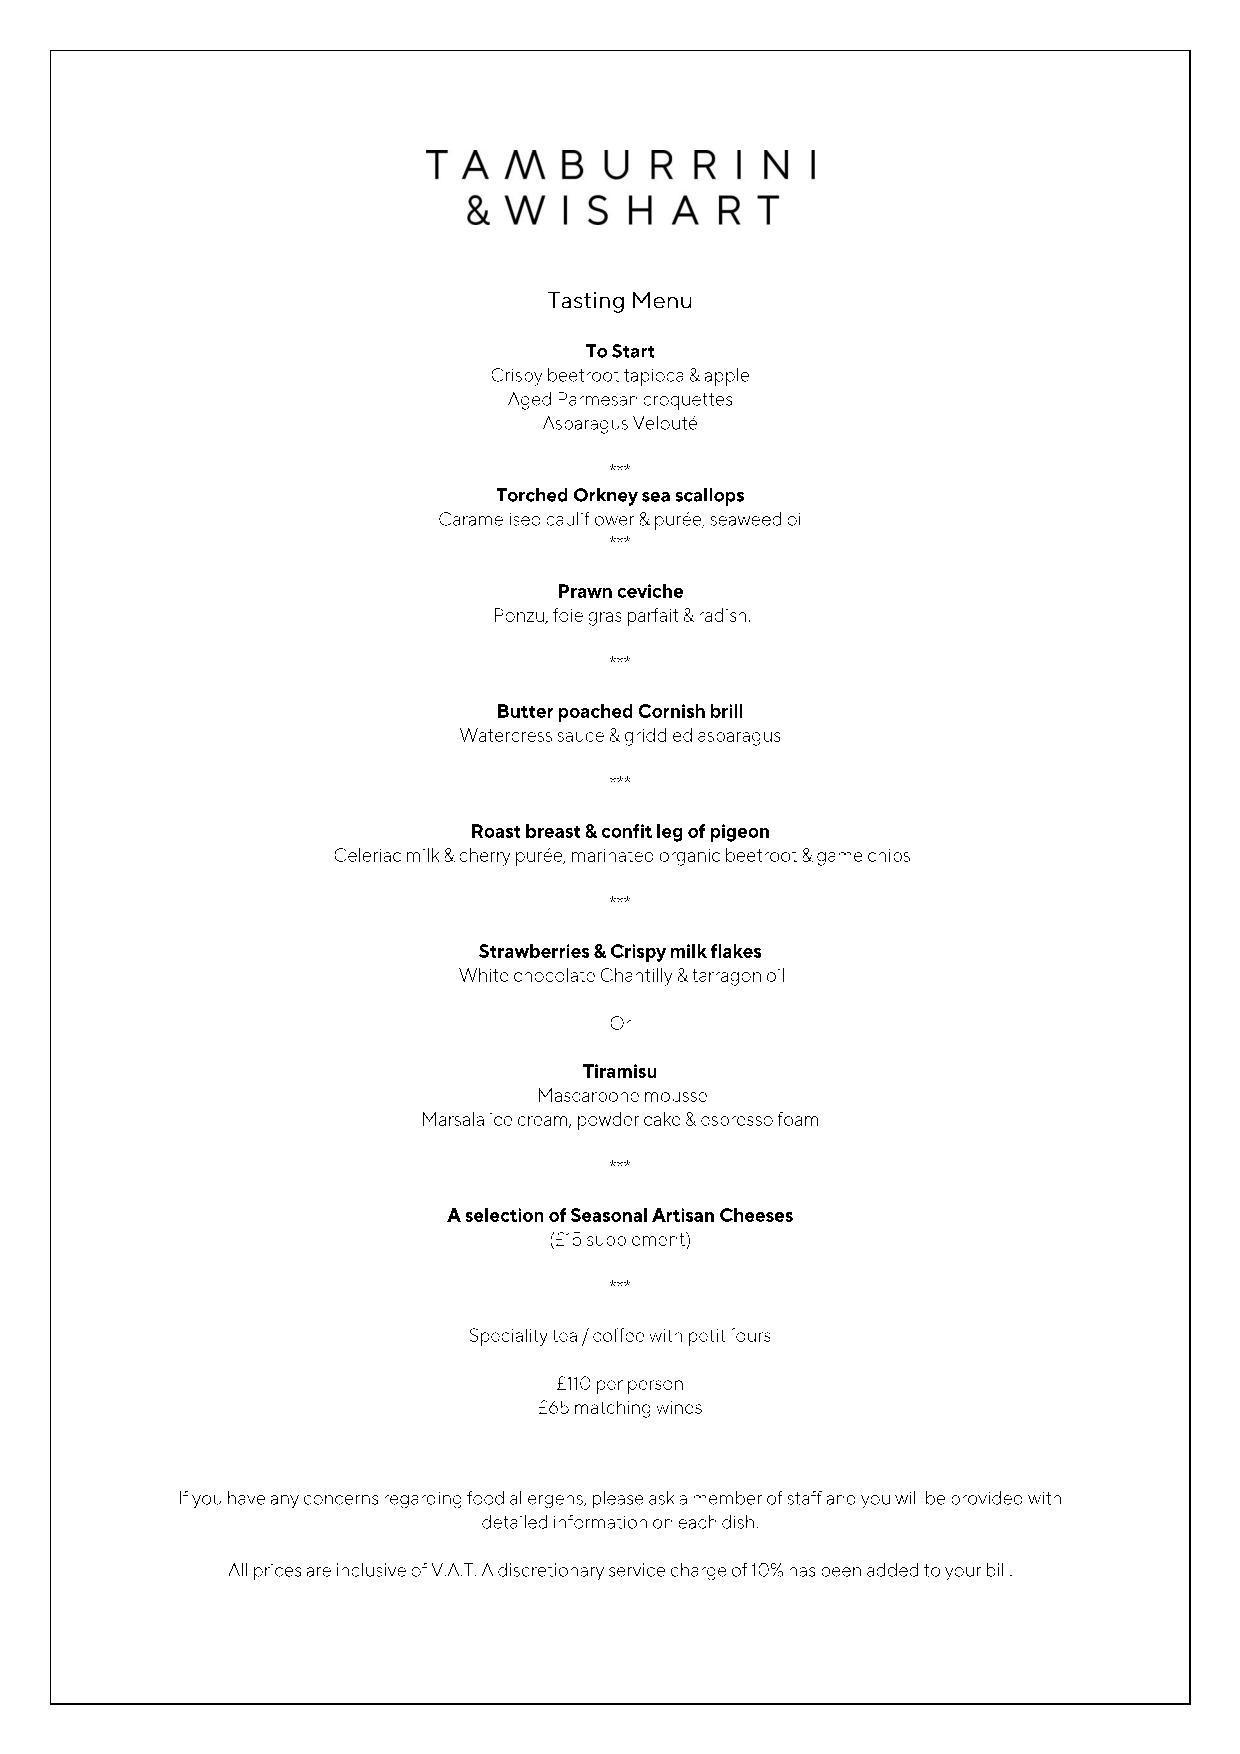 Tamburrini and Wishart tasting menu